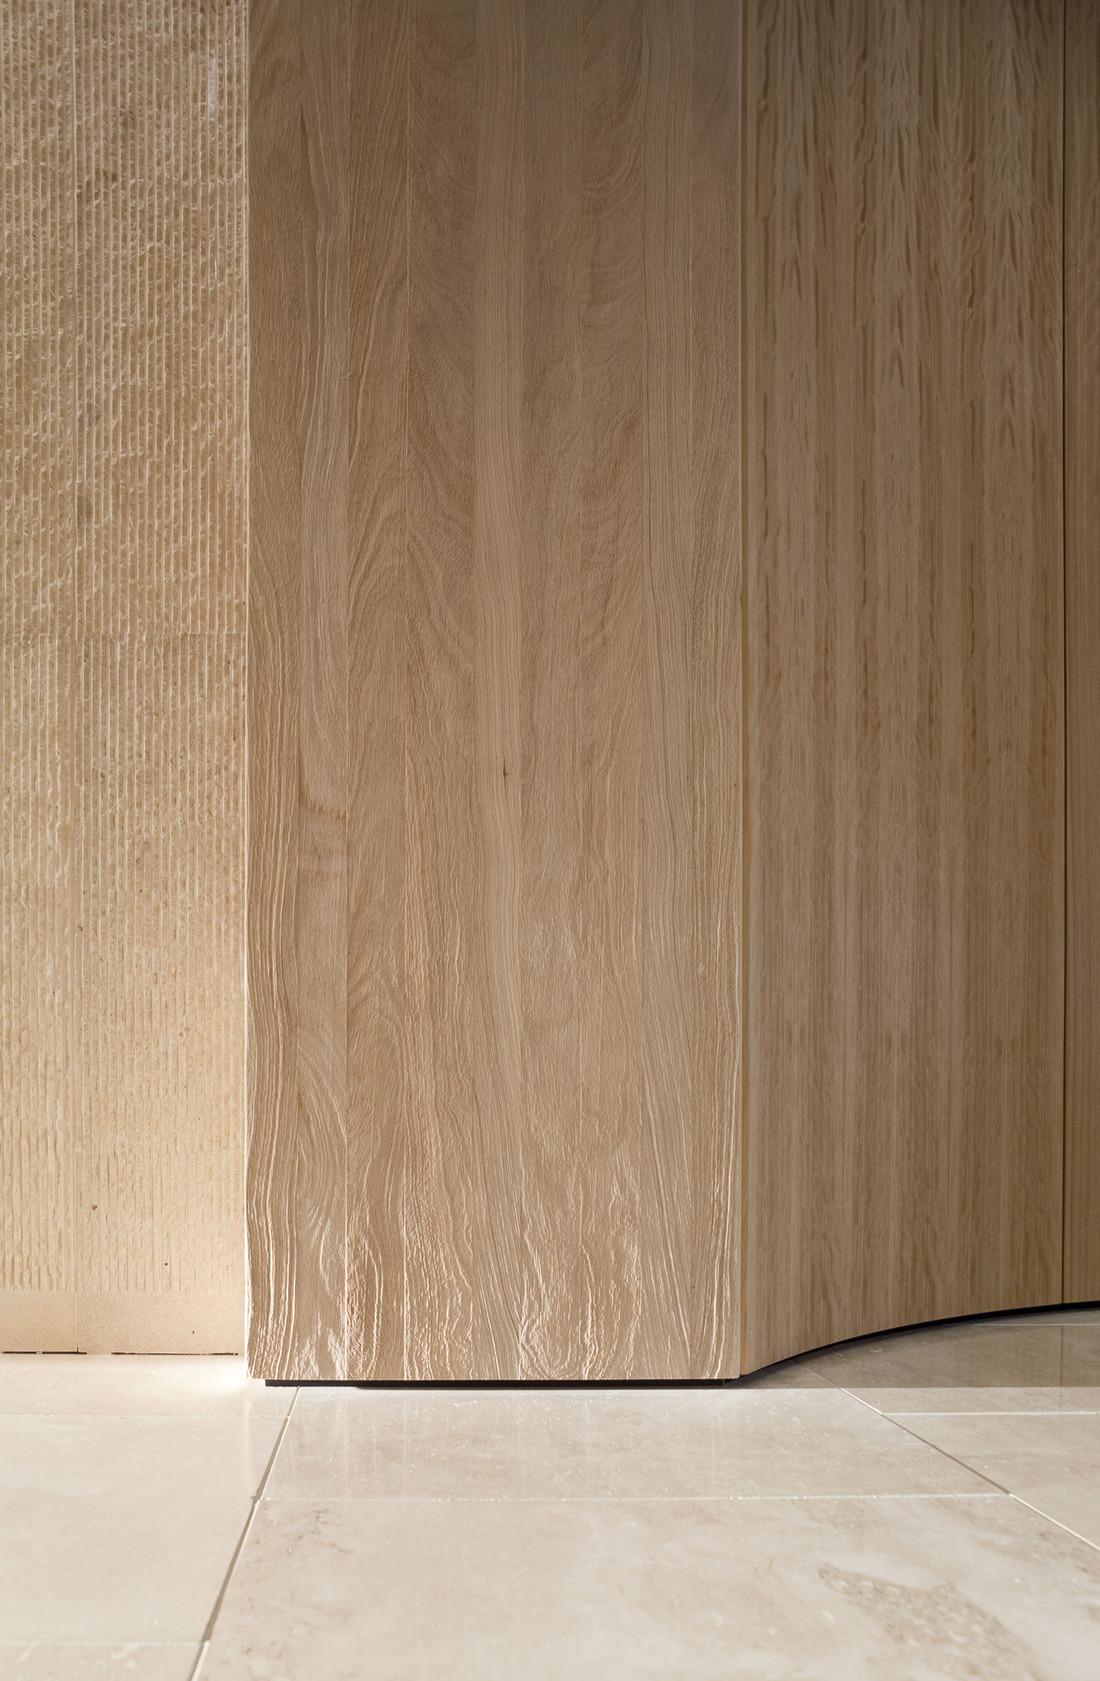 SandRidge Executive Floors Marvel Architects Paul Warchol_09